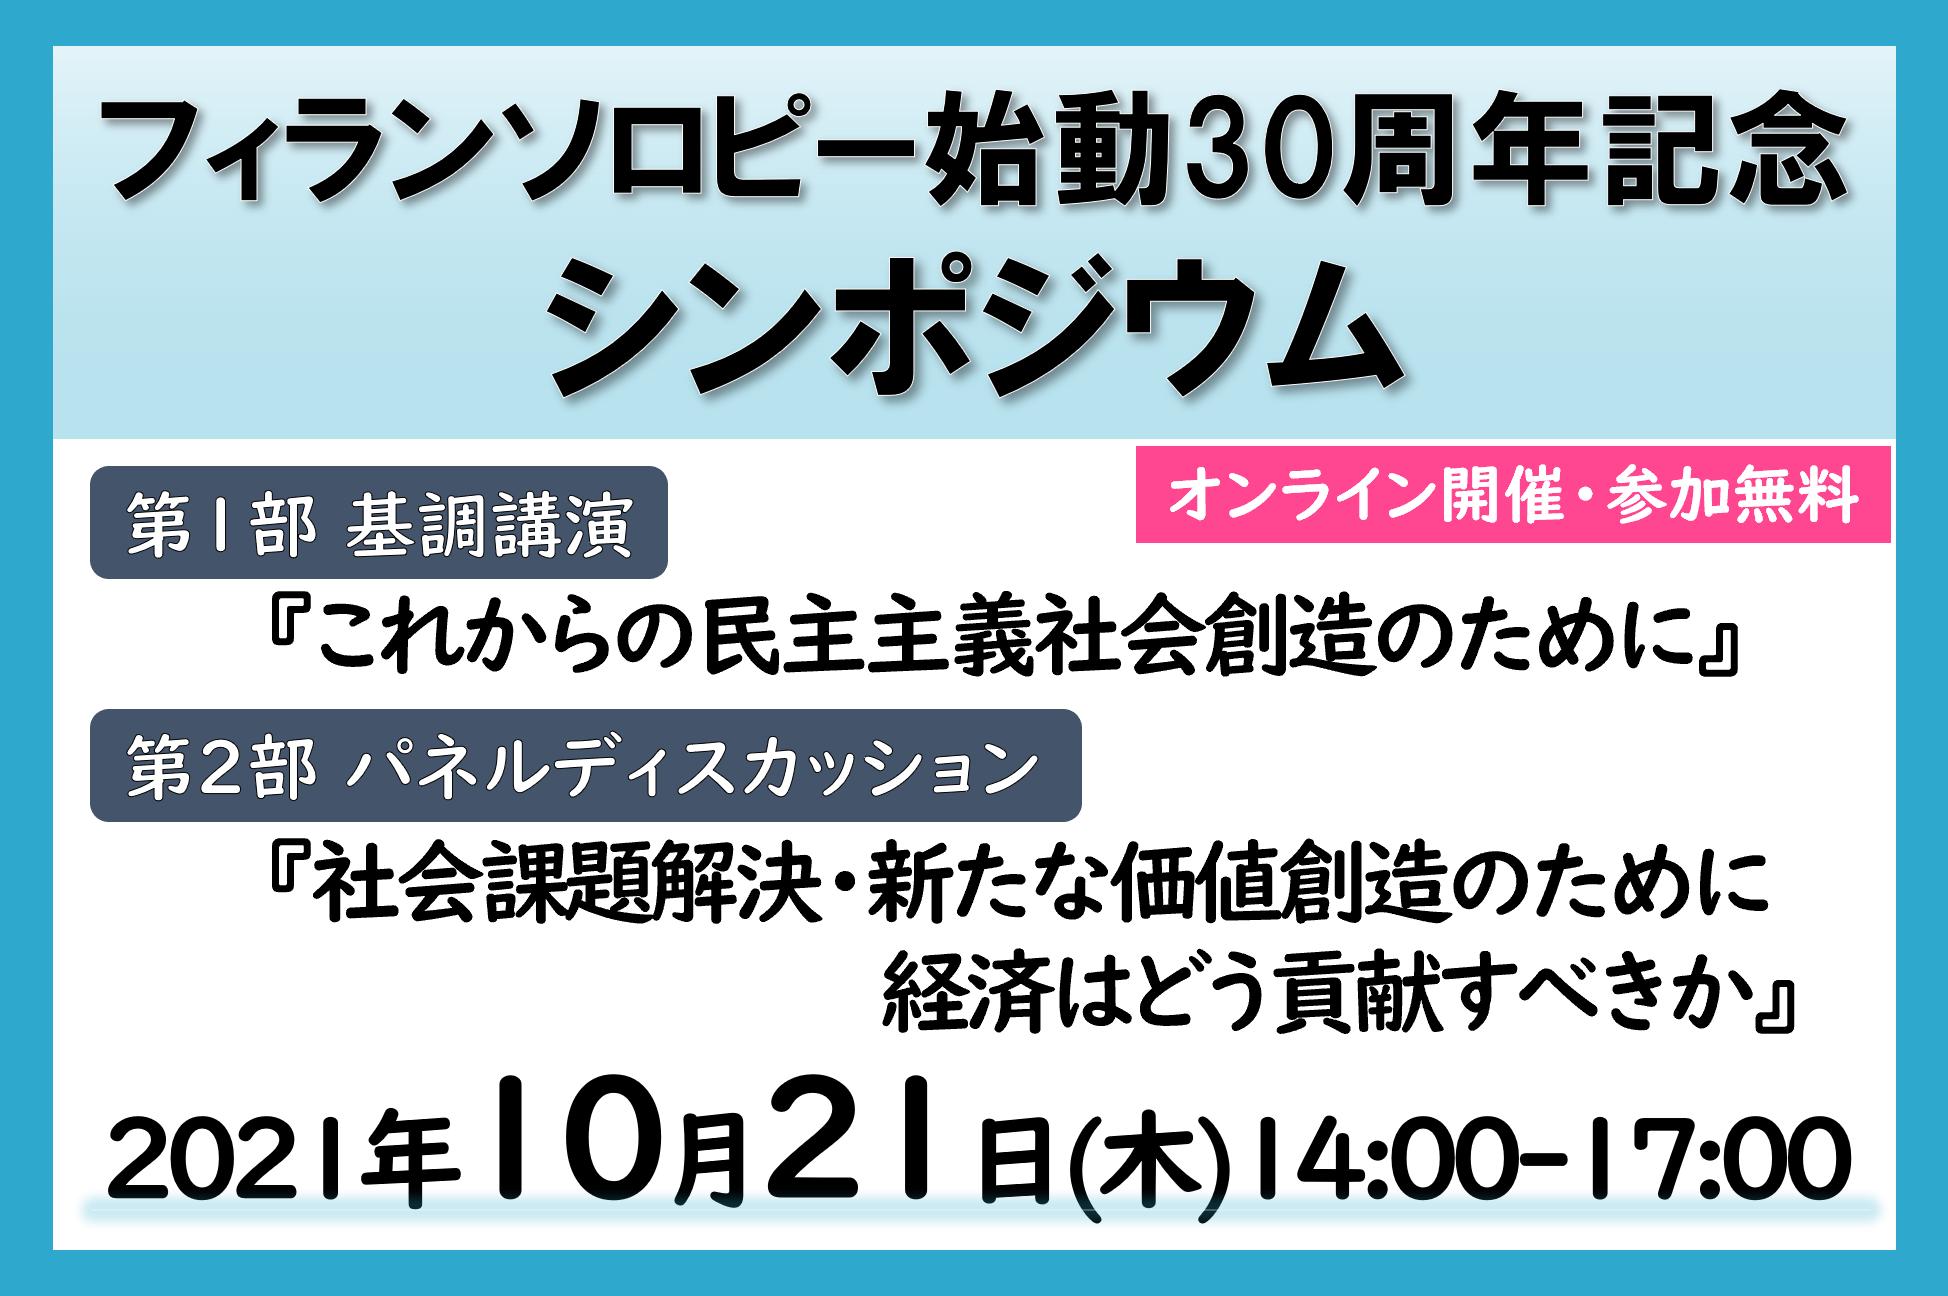 フィランソロピー始動30周年記念シンポジウム(10/21)オンライン開催・参加無料